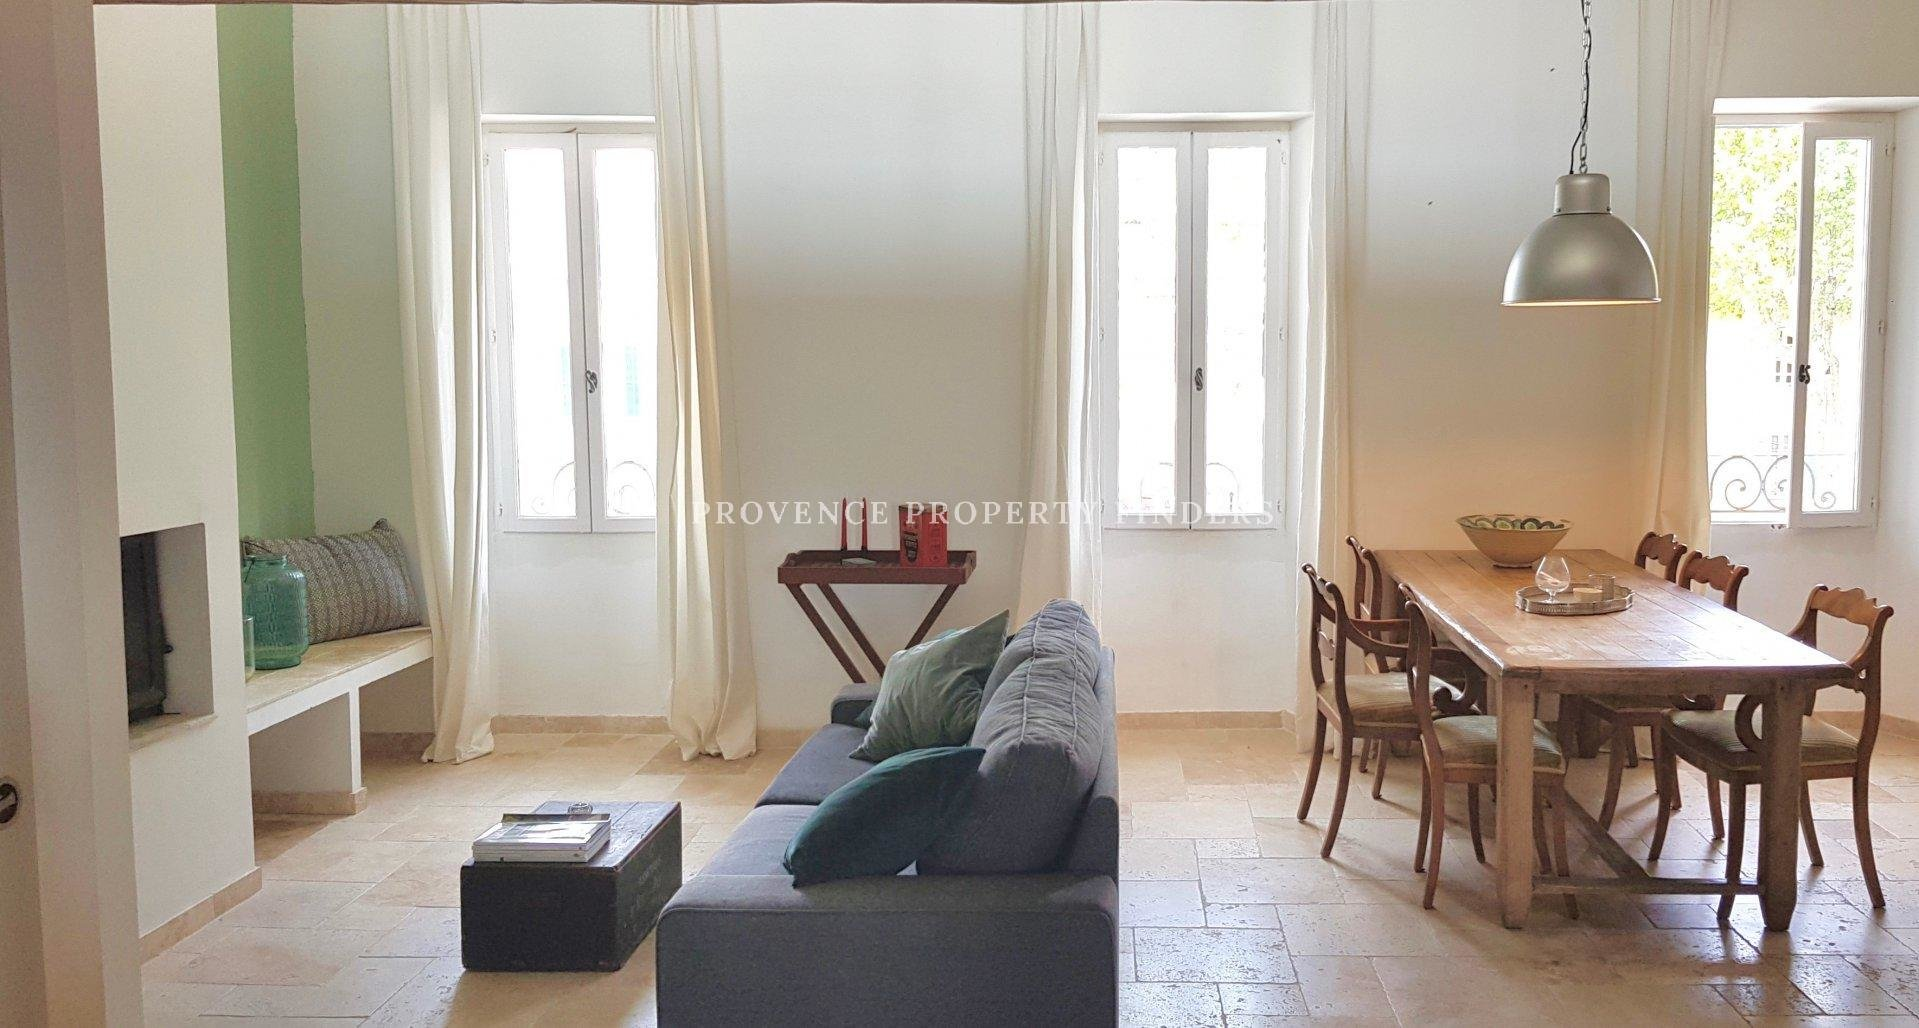 Prachtig appartement in hartje Lorgues.